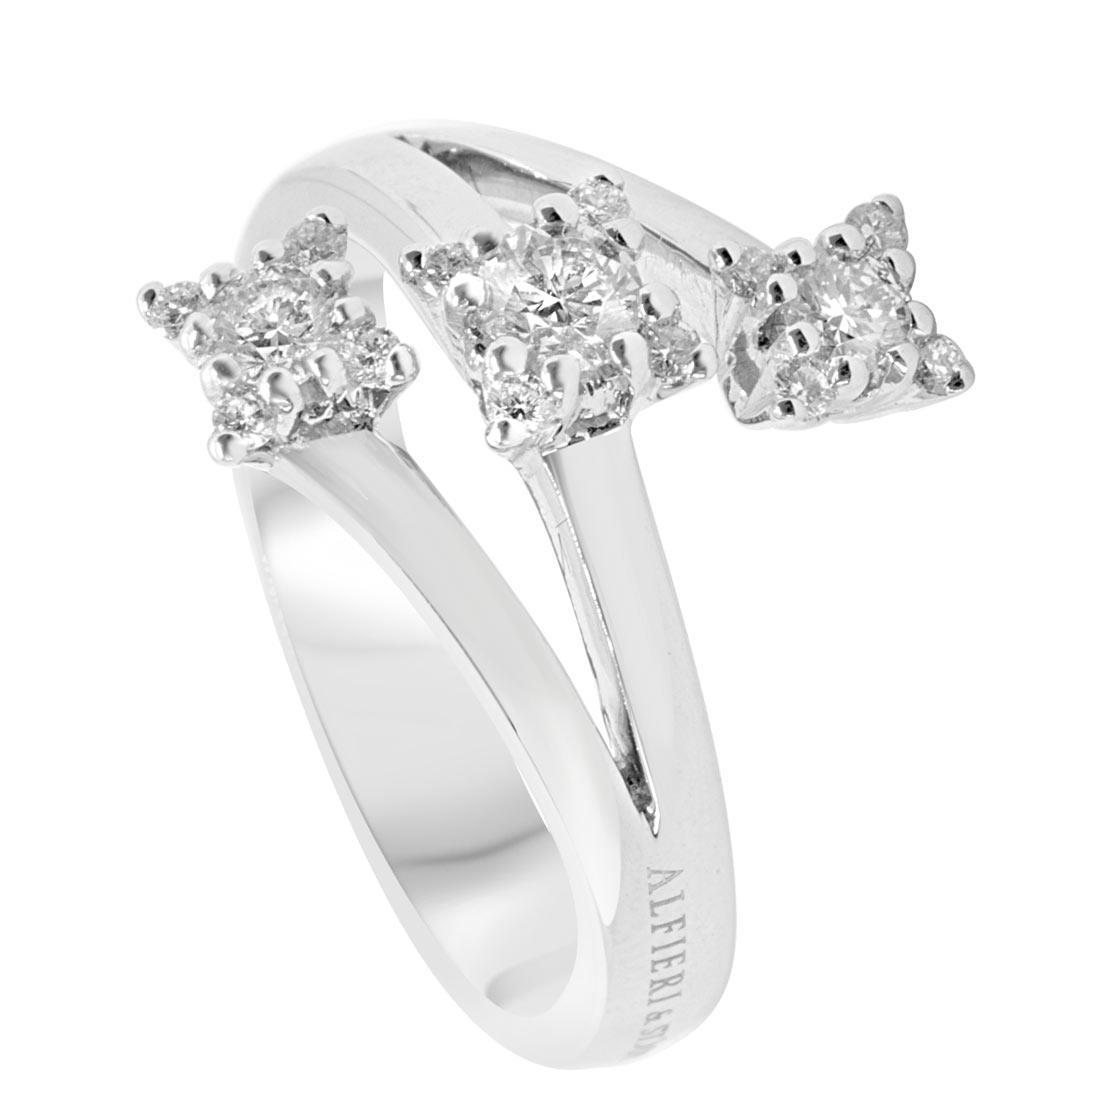 Anello in oro bianco con diamanti 0,48 ct mis 14 - ALFIERI & ST. JOHN